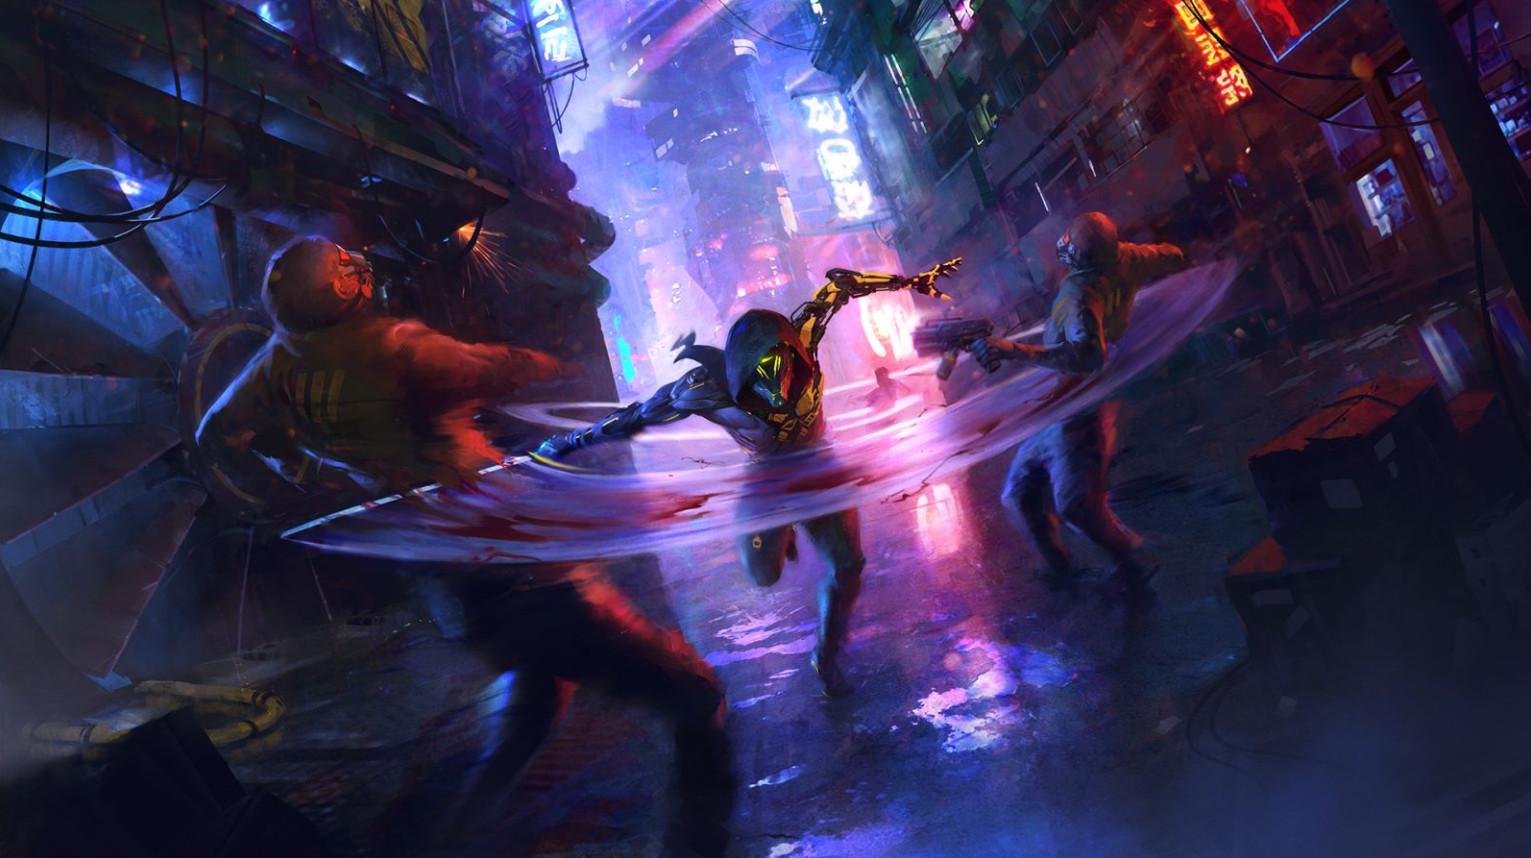 《幽灵行者》将于10月28日发售任天堂Switch版截图